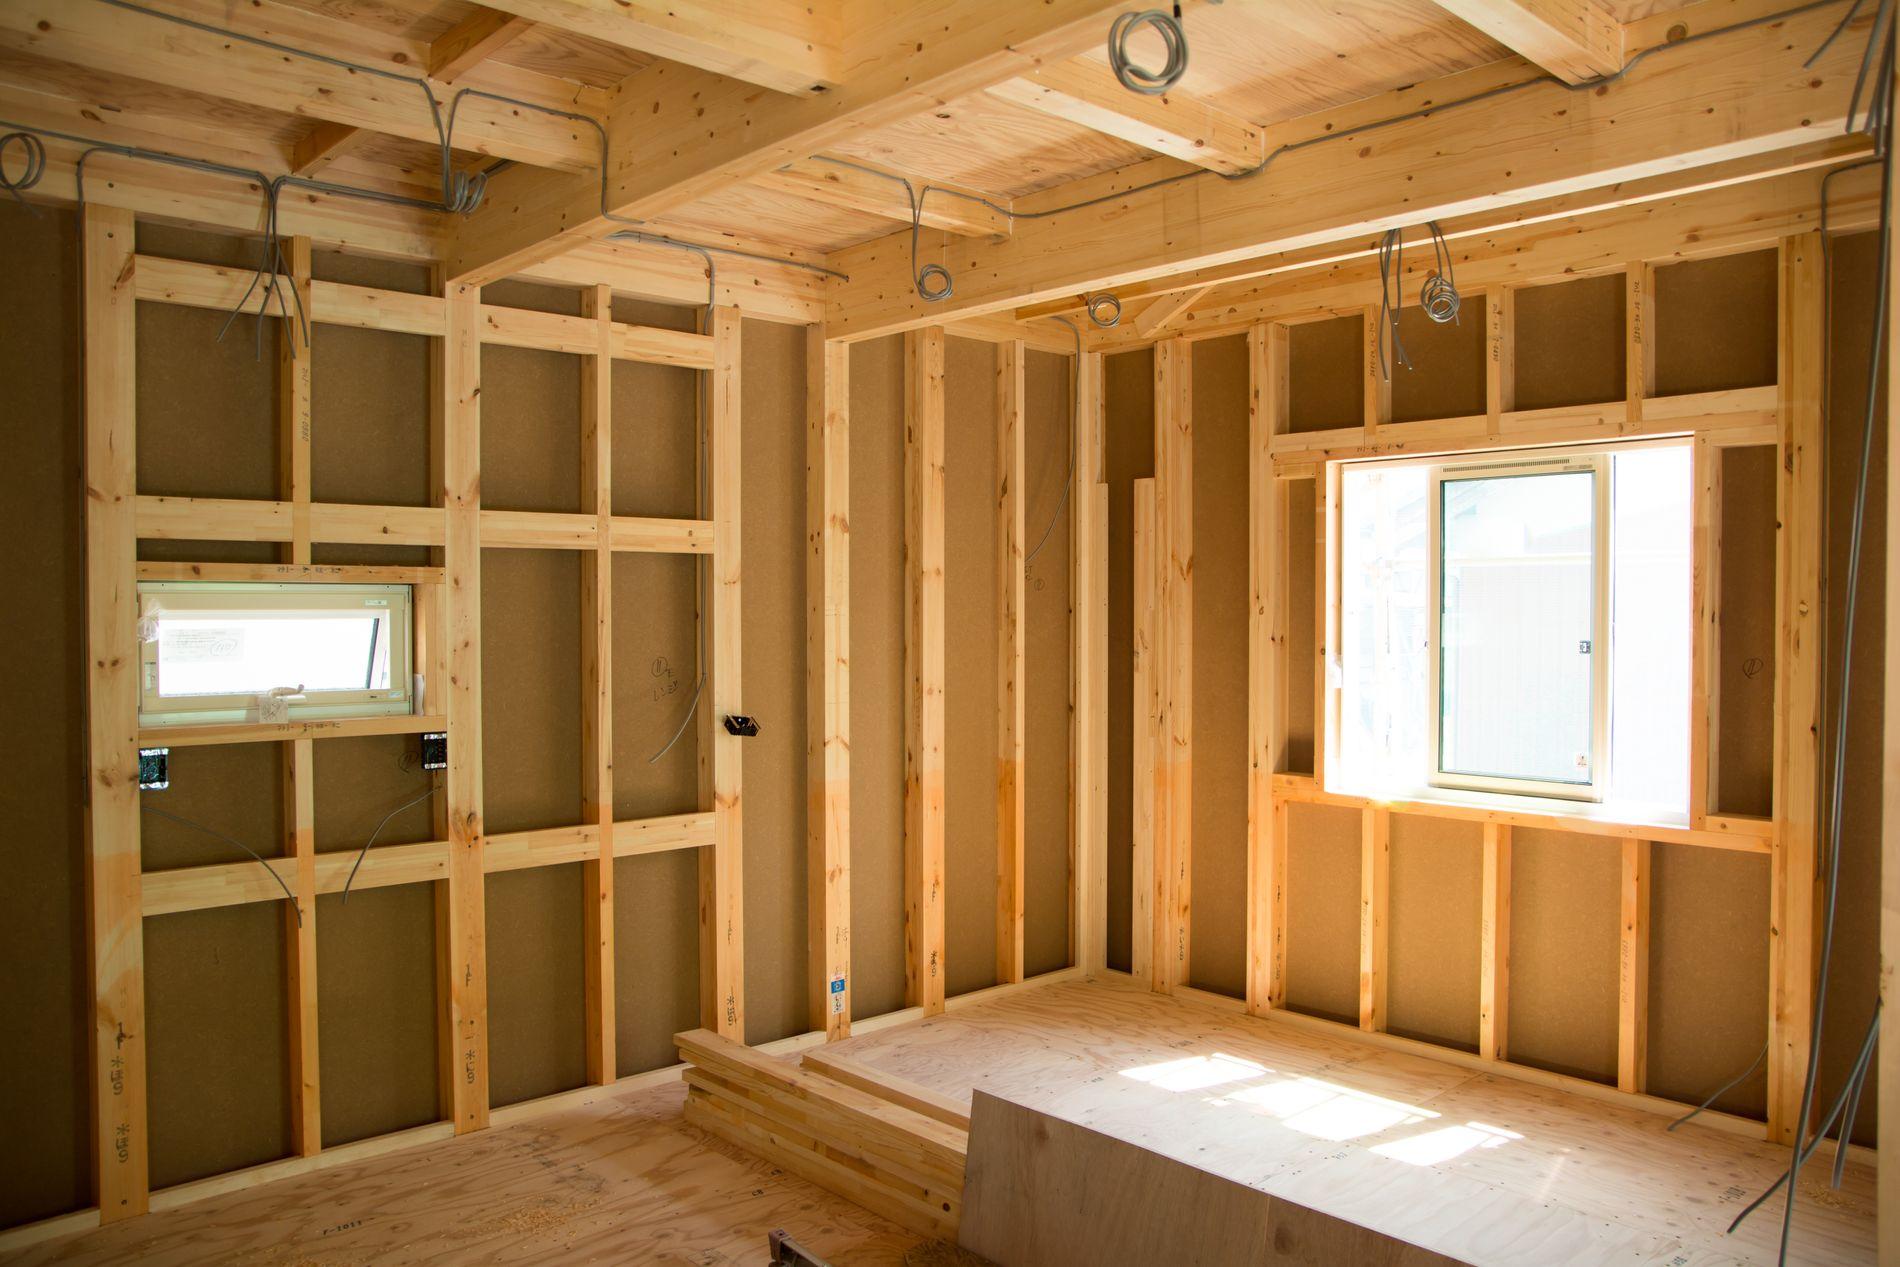 Det meste bør i byggeprosessen bør overlates til profesjonelle fagfolk, mener ekspertene.